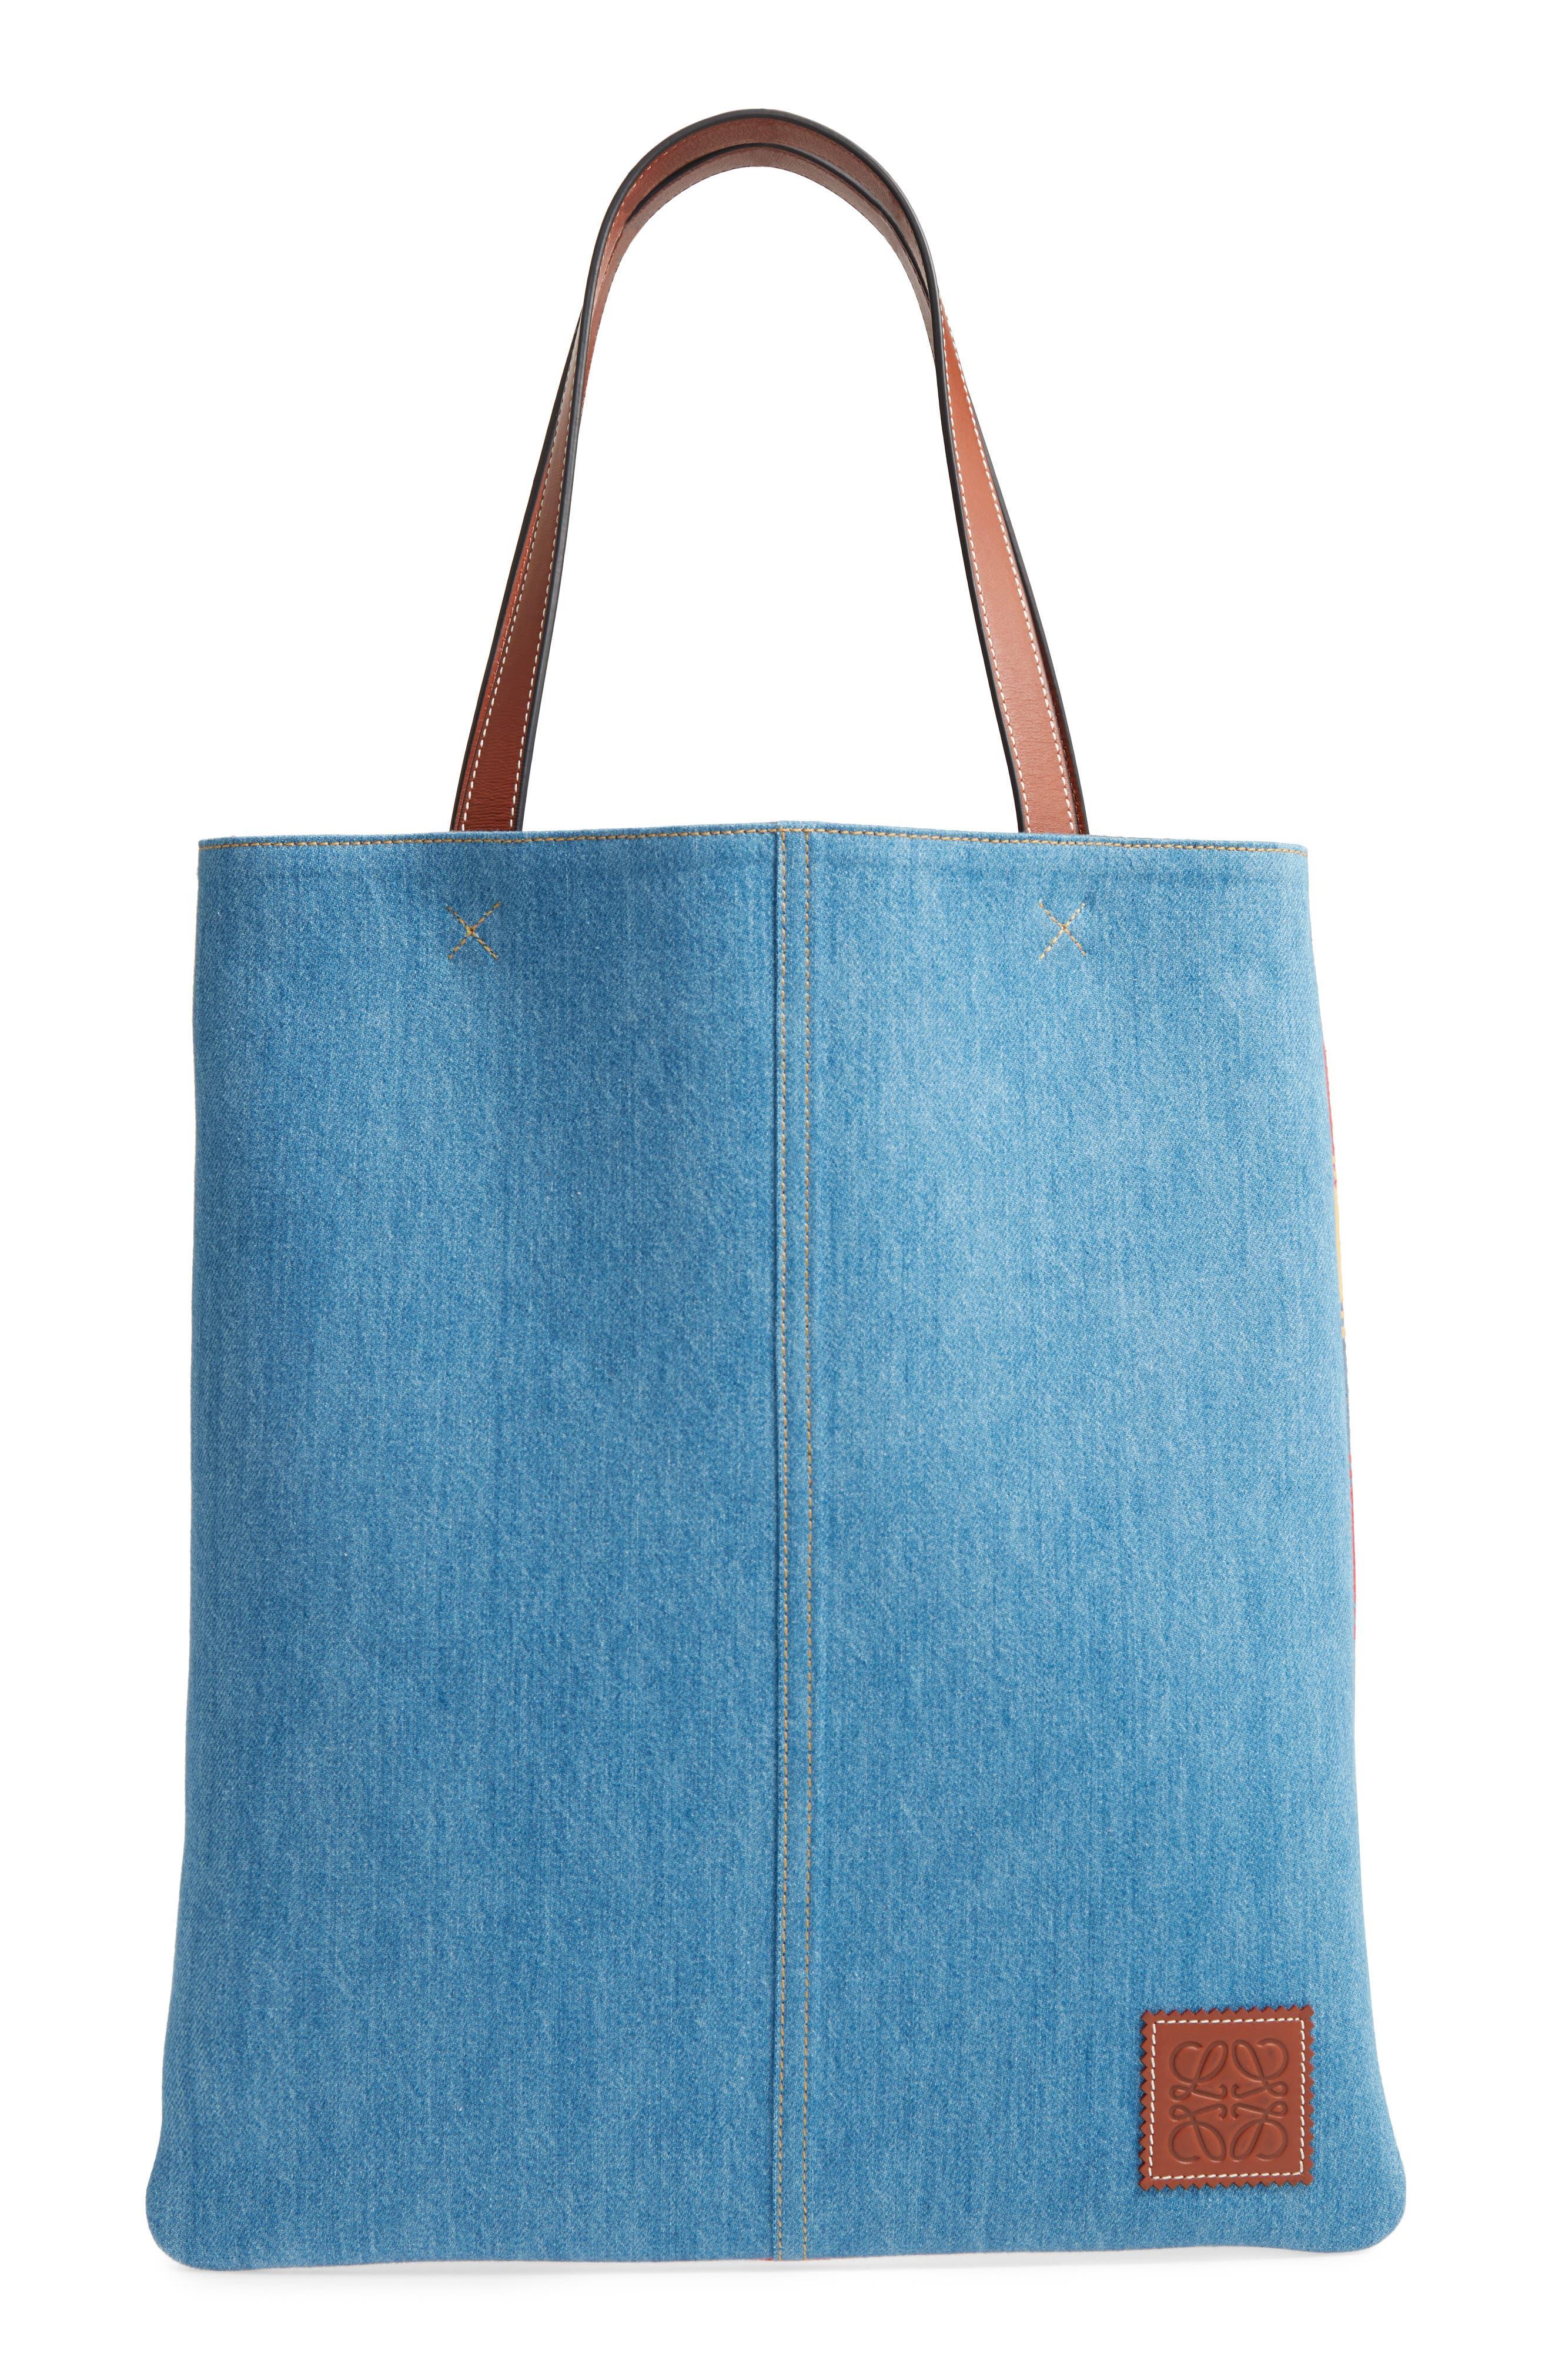 Stripe Denim Tote Bag,                         Main,                         color, DENIM/ TAN